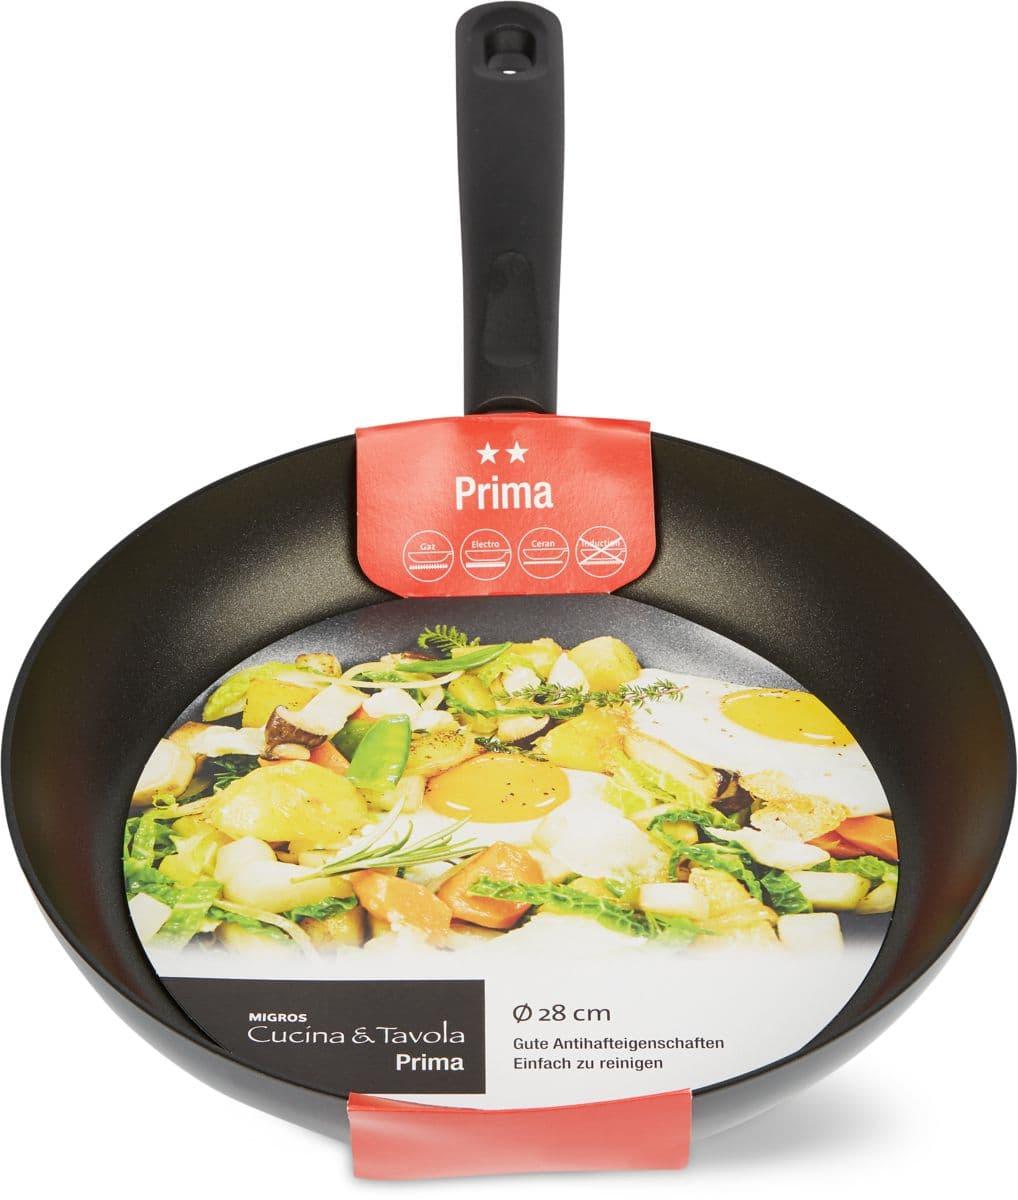 Cucina & Tavola PRIMA Poêle 28cm flat